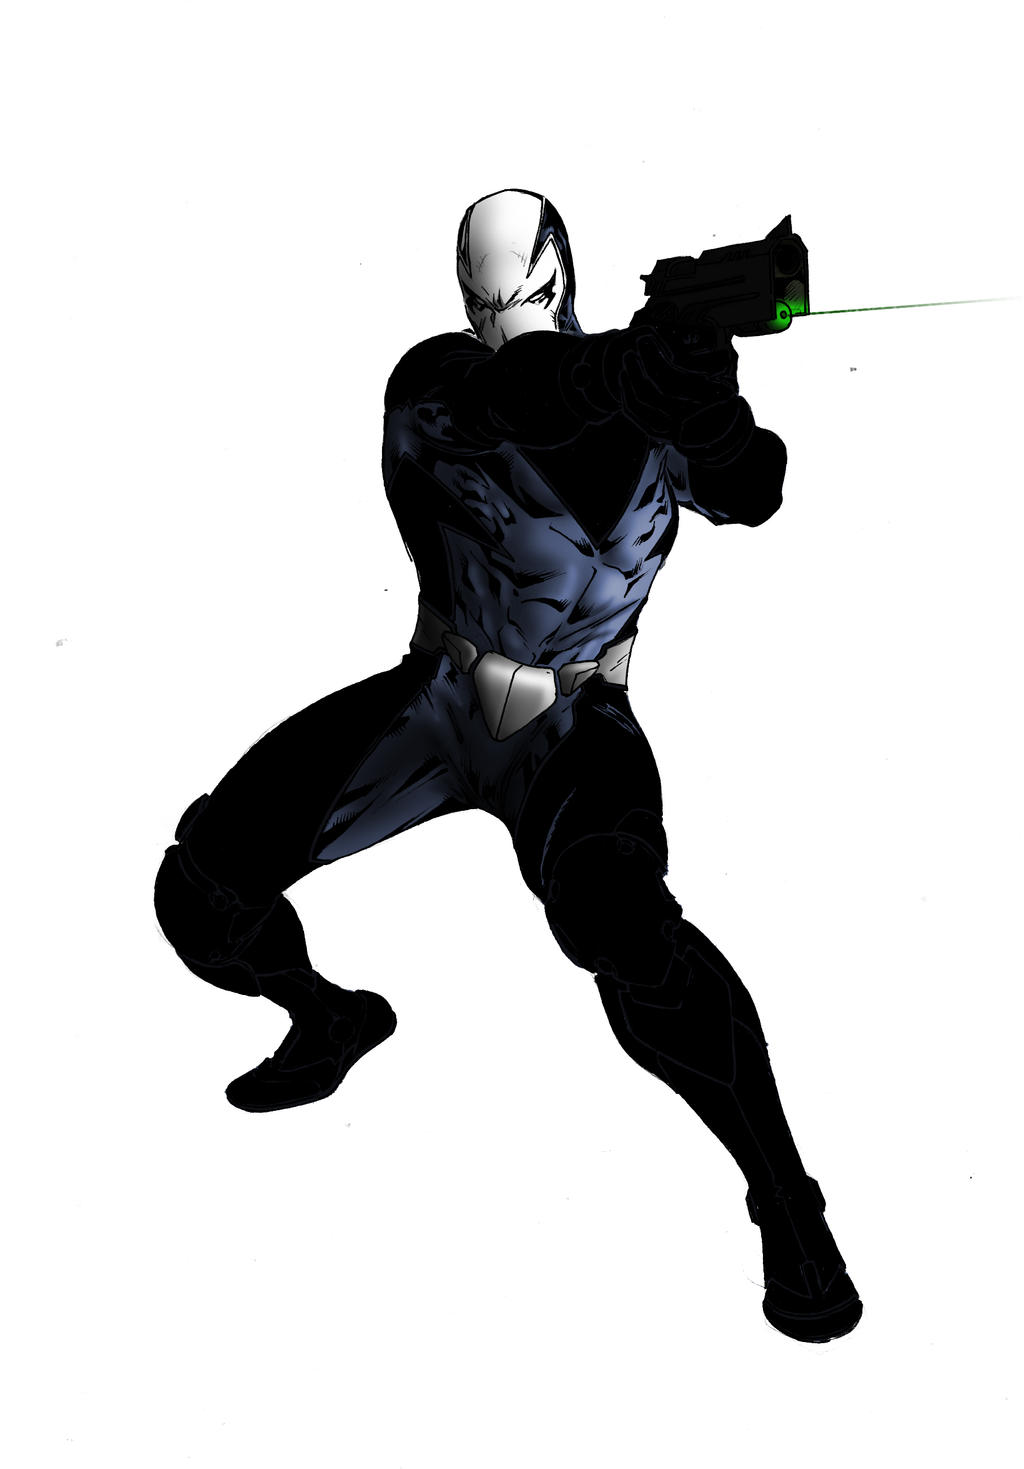 Sharp shooting - DarkNinjaDev by SpiderGuile